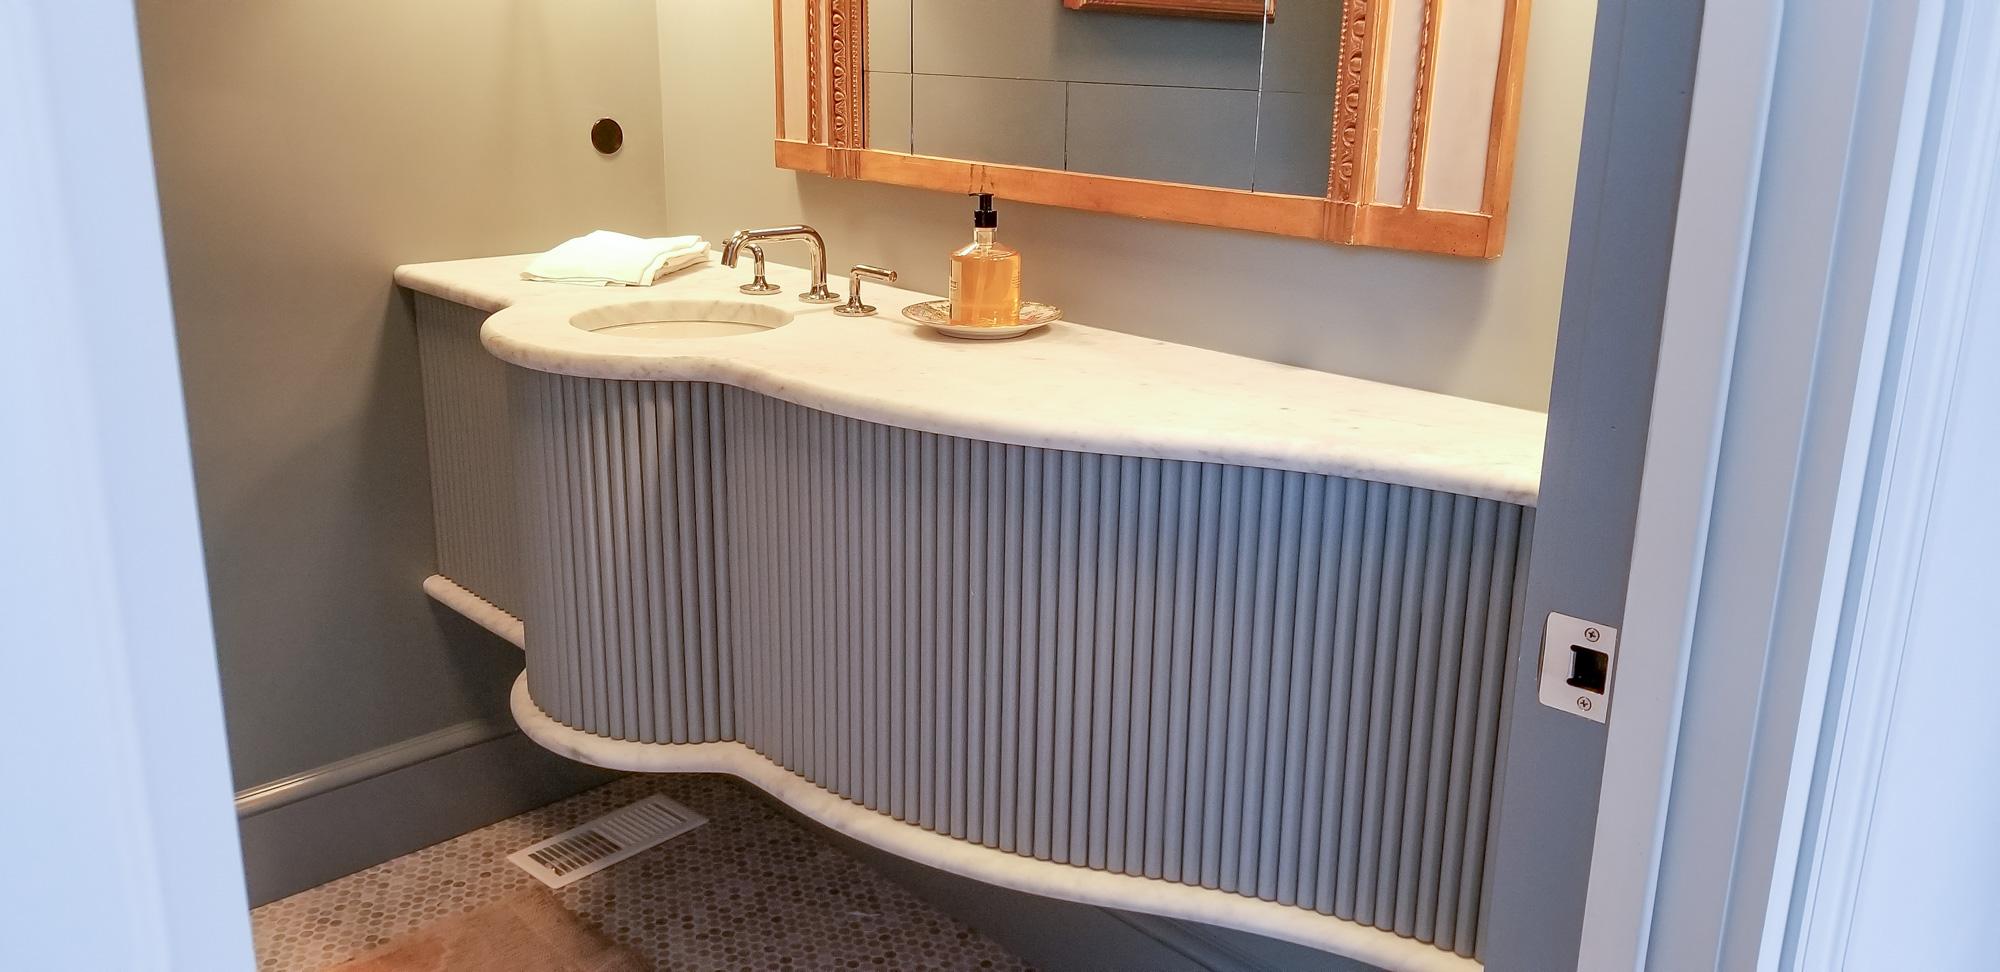 BTWW-baths-2018-web-1.jpg